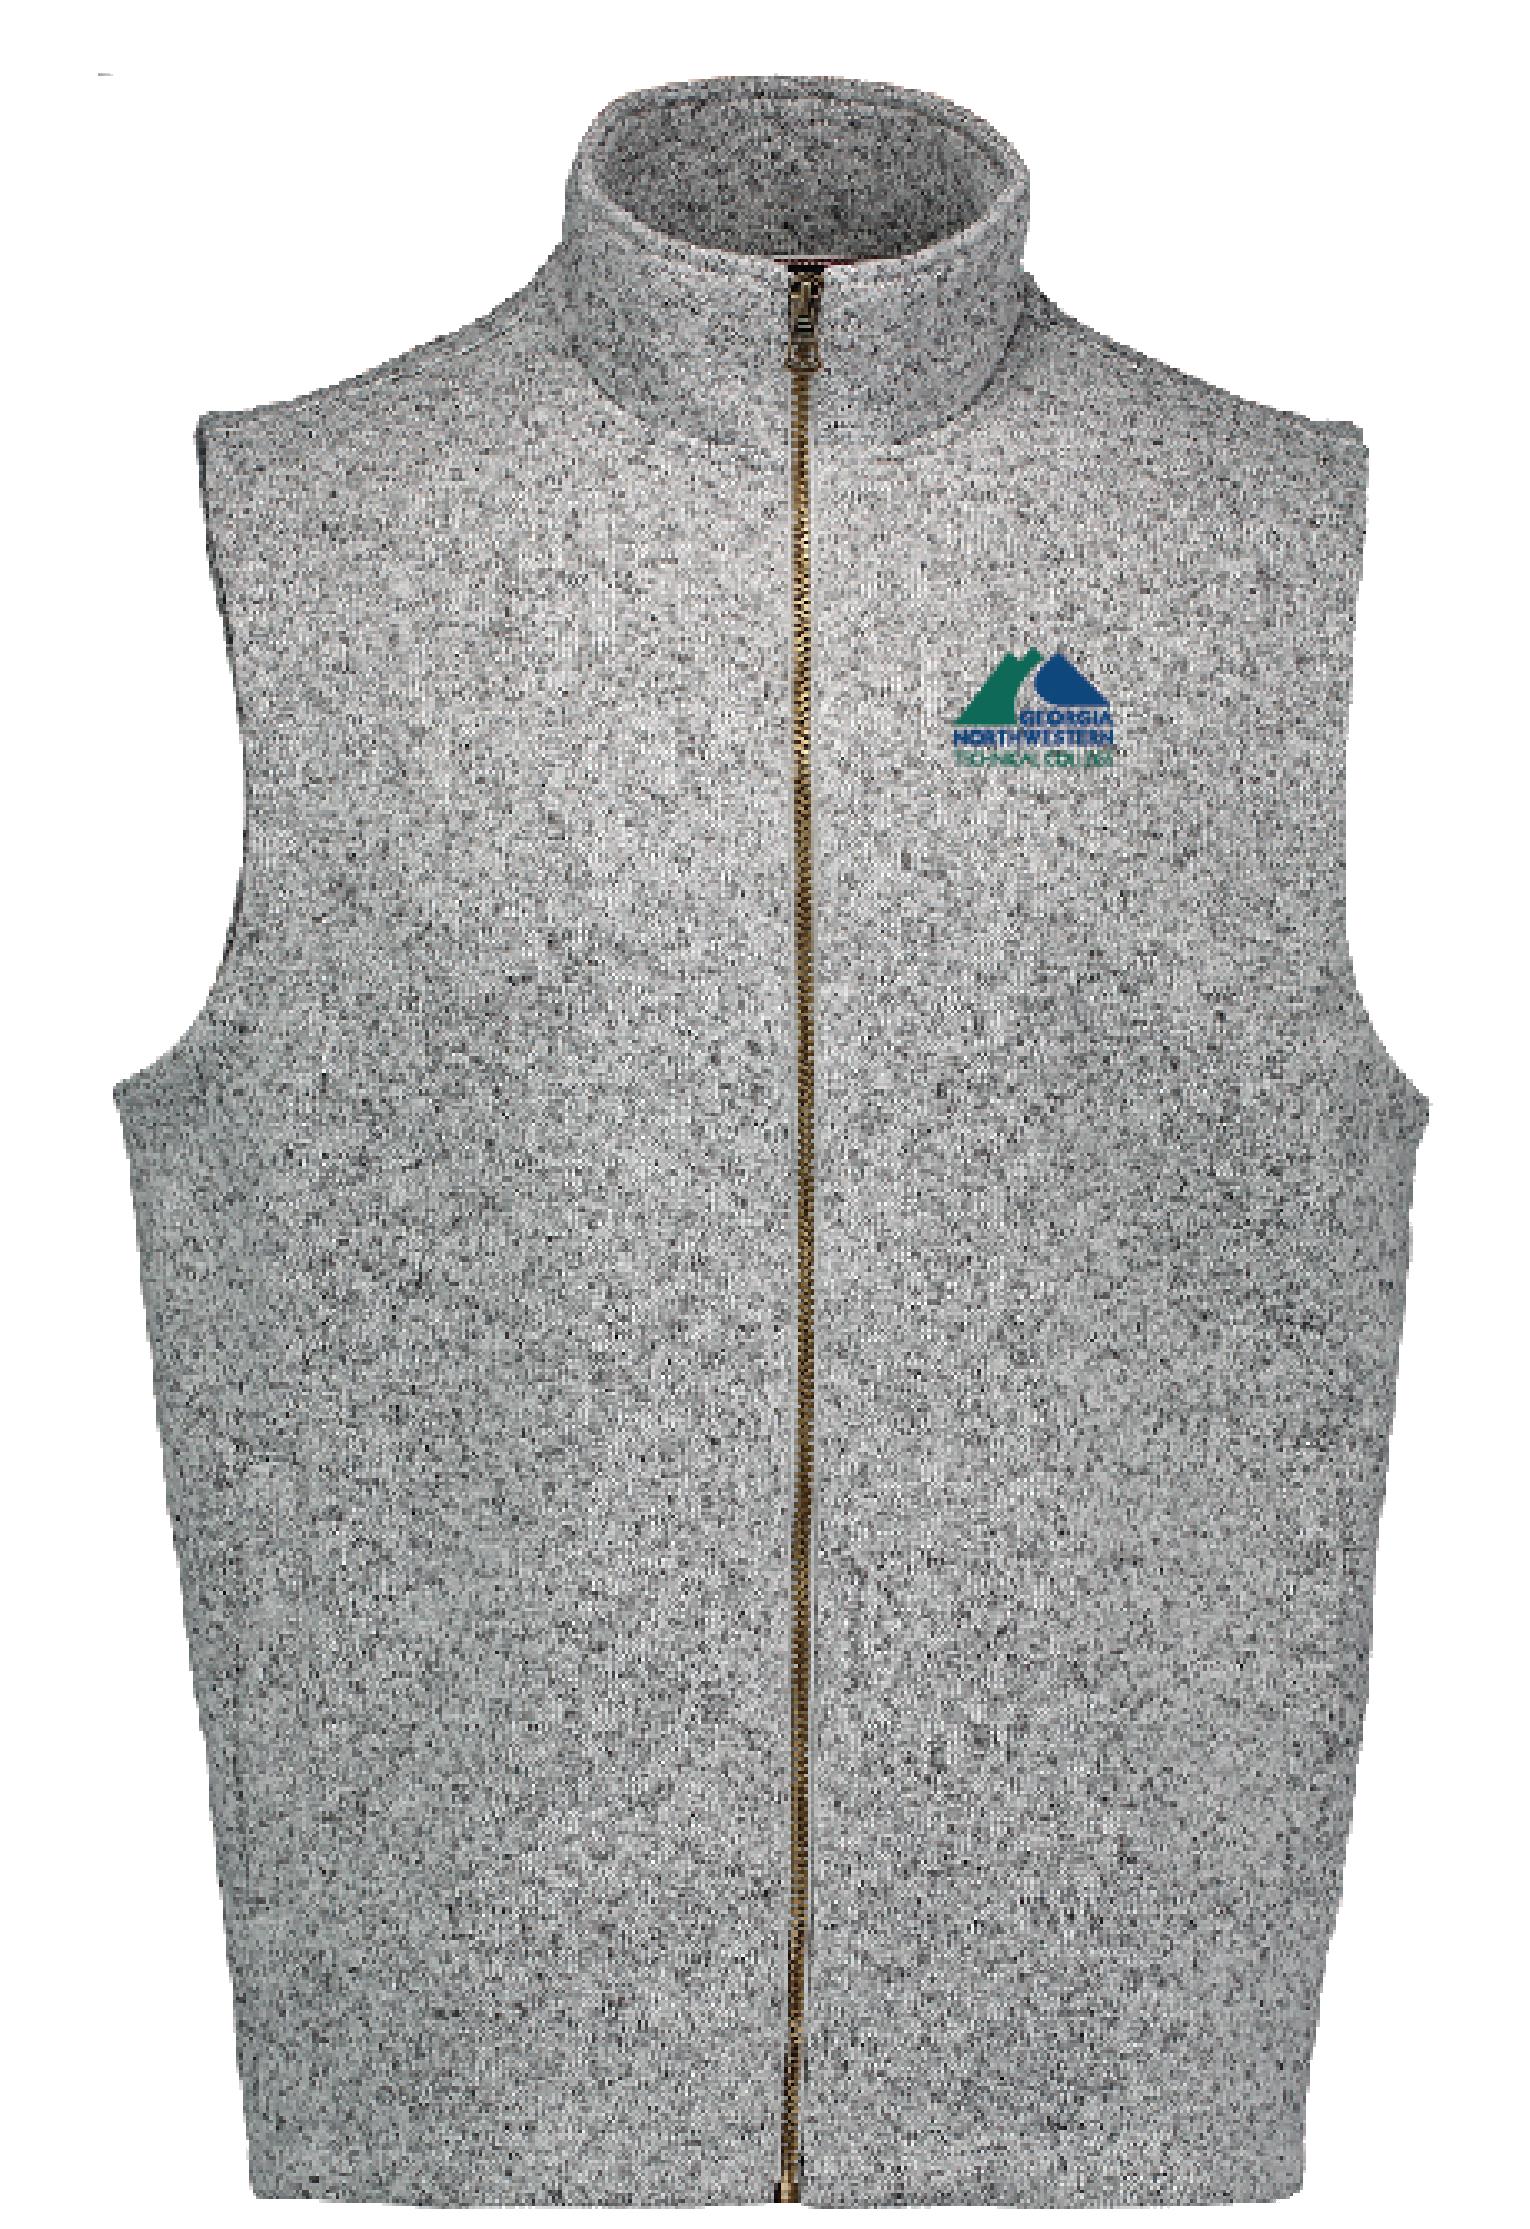 GNTC Sweaterfleece Vest